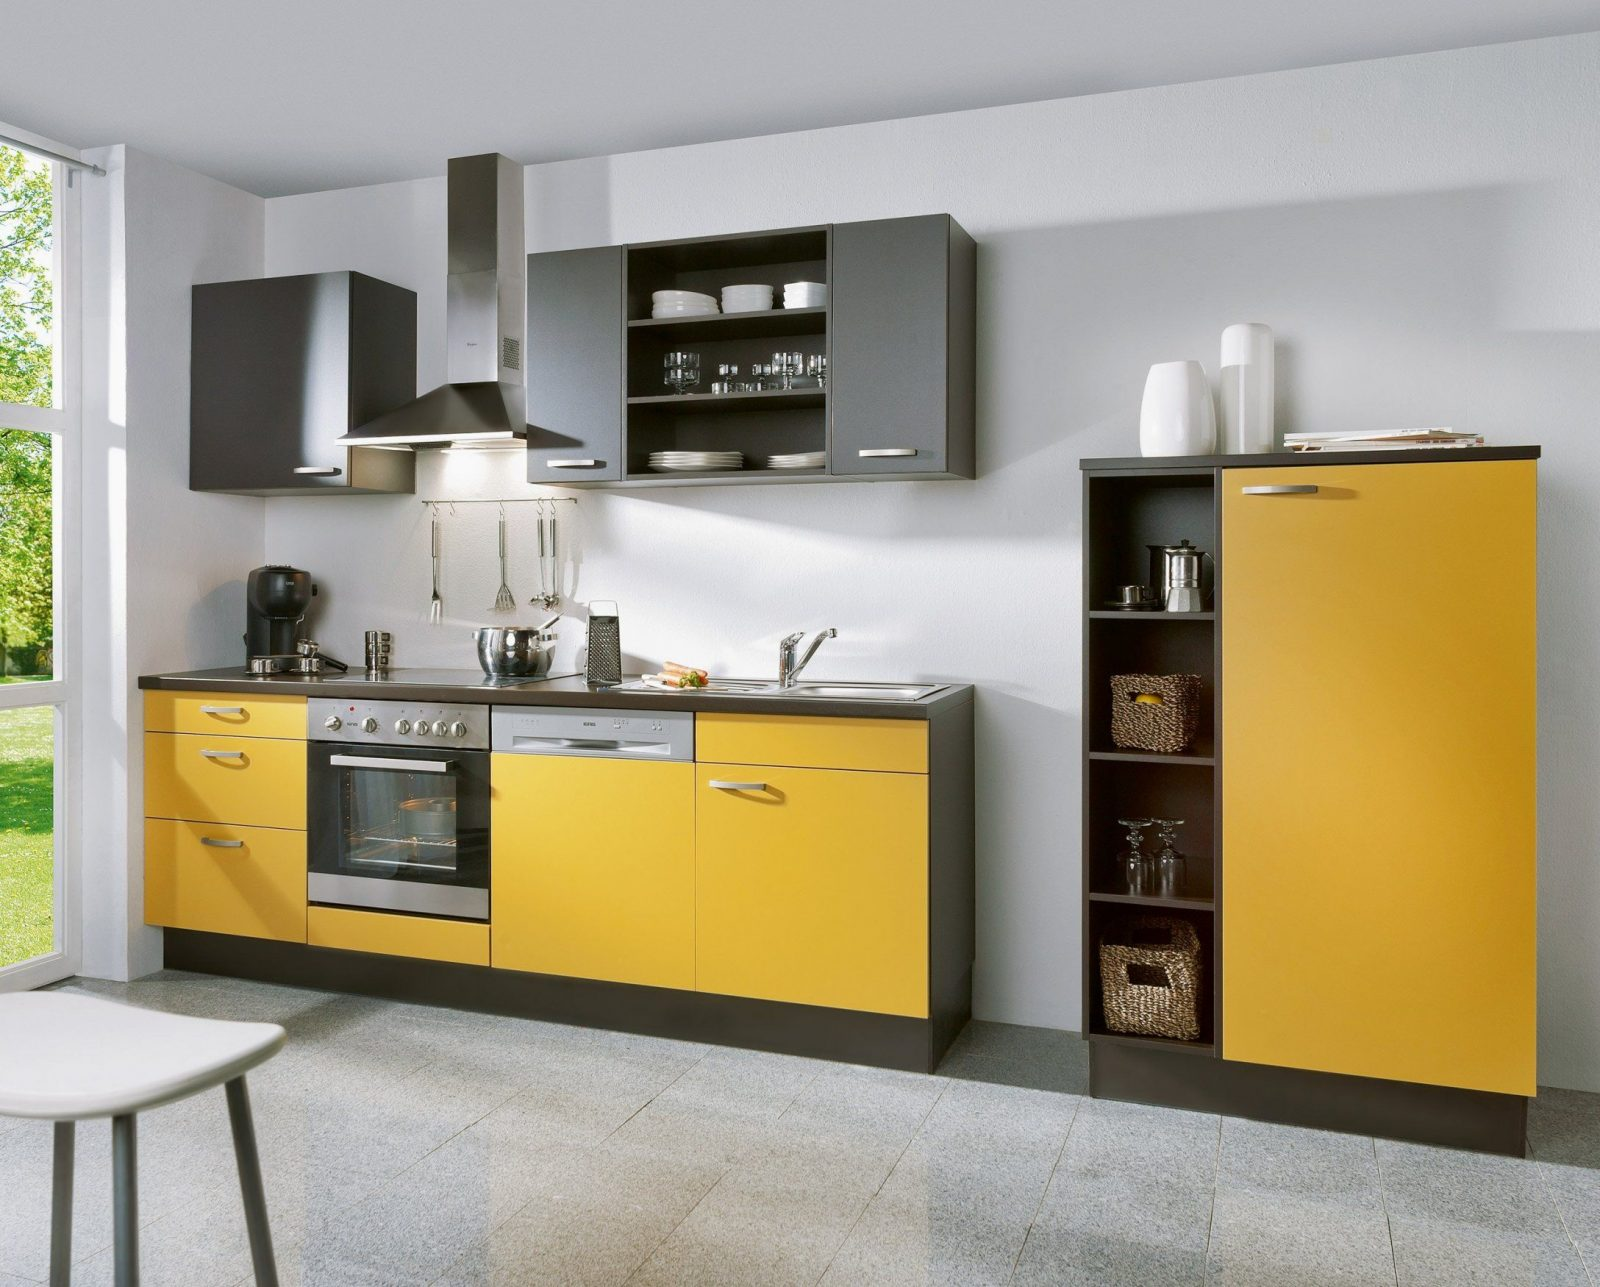 Atemberaubend Küchenzeile 240 Cm Mit Kühlschrank Kuchenzeile Geraten von Küchenzeile 240 Cm Mit Kühlschrank Photo